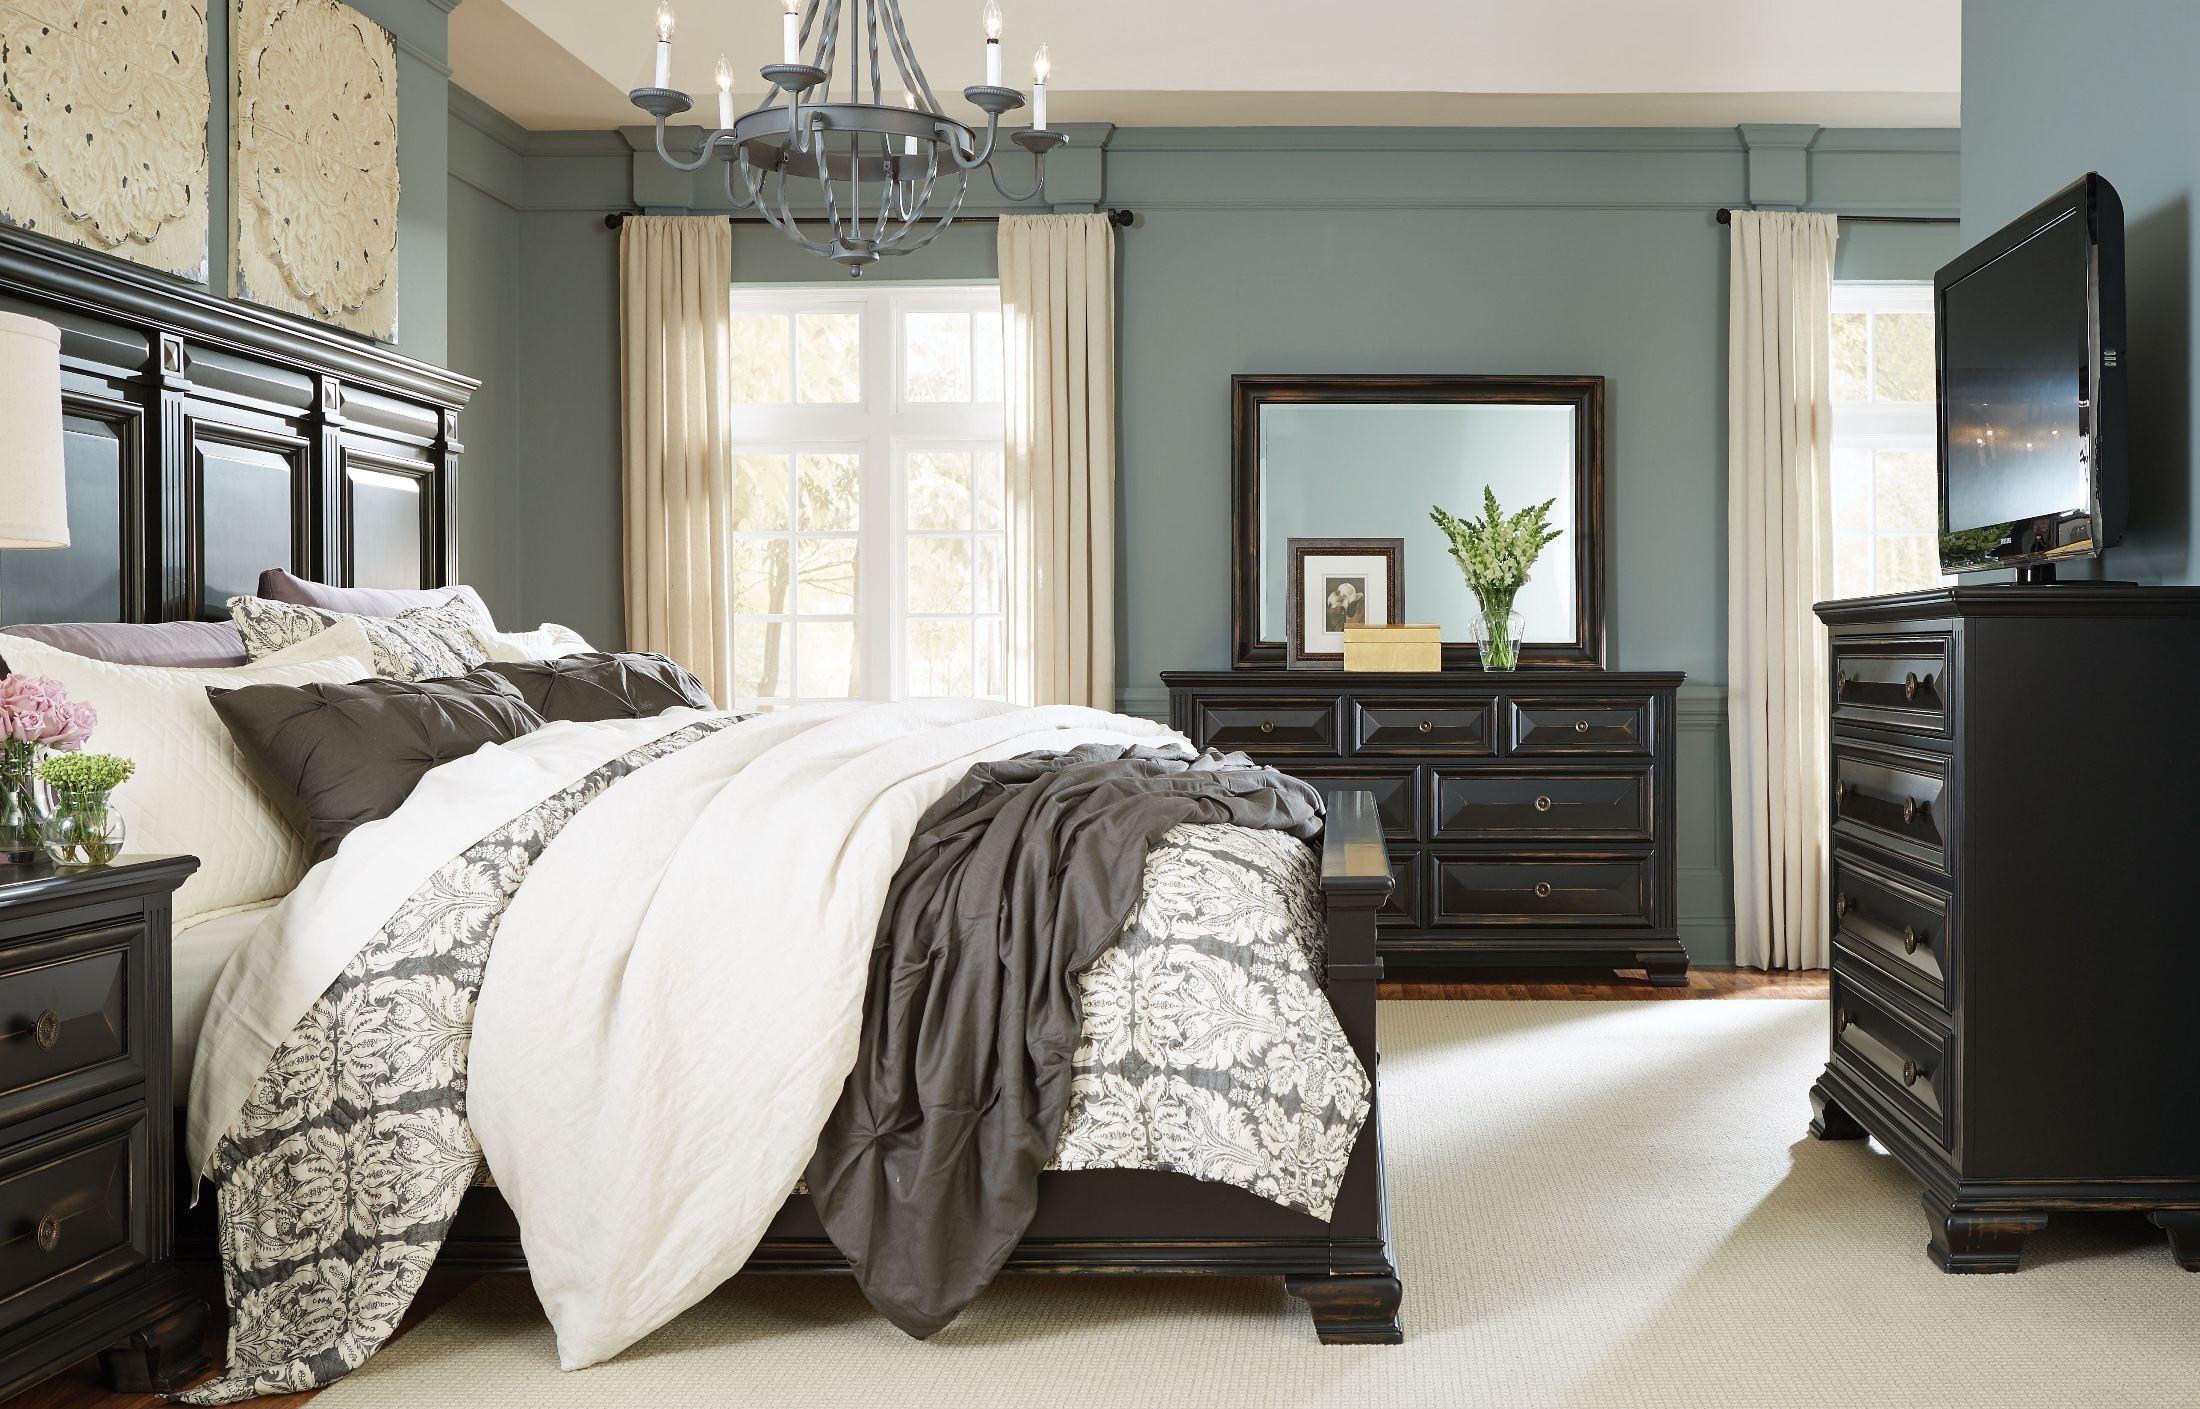 Passages Vintage Black Panel Bedroom Set from Standard Furniture ...